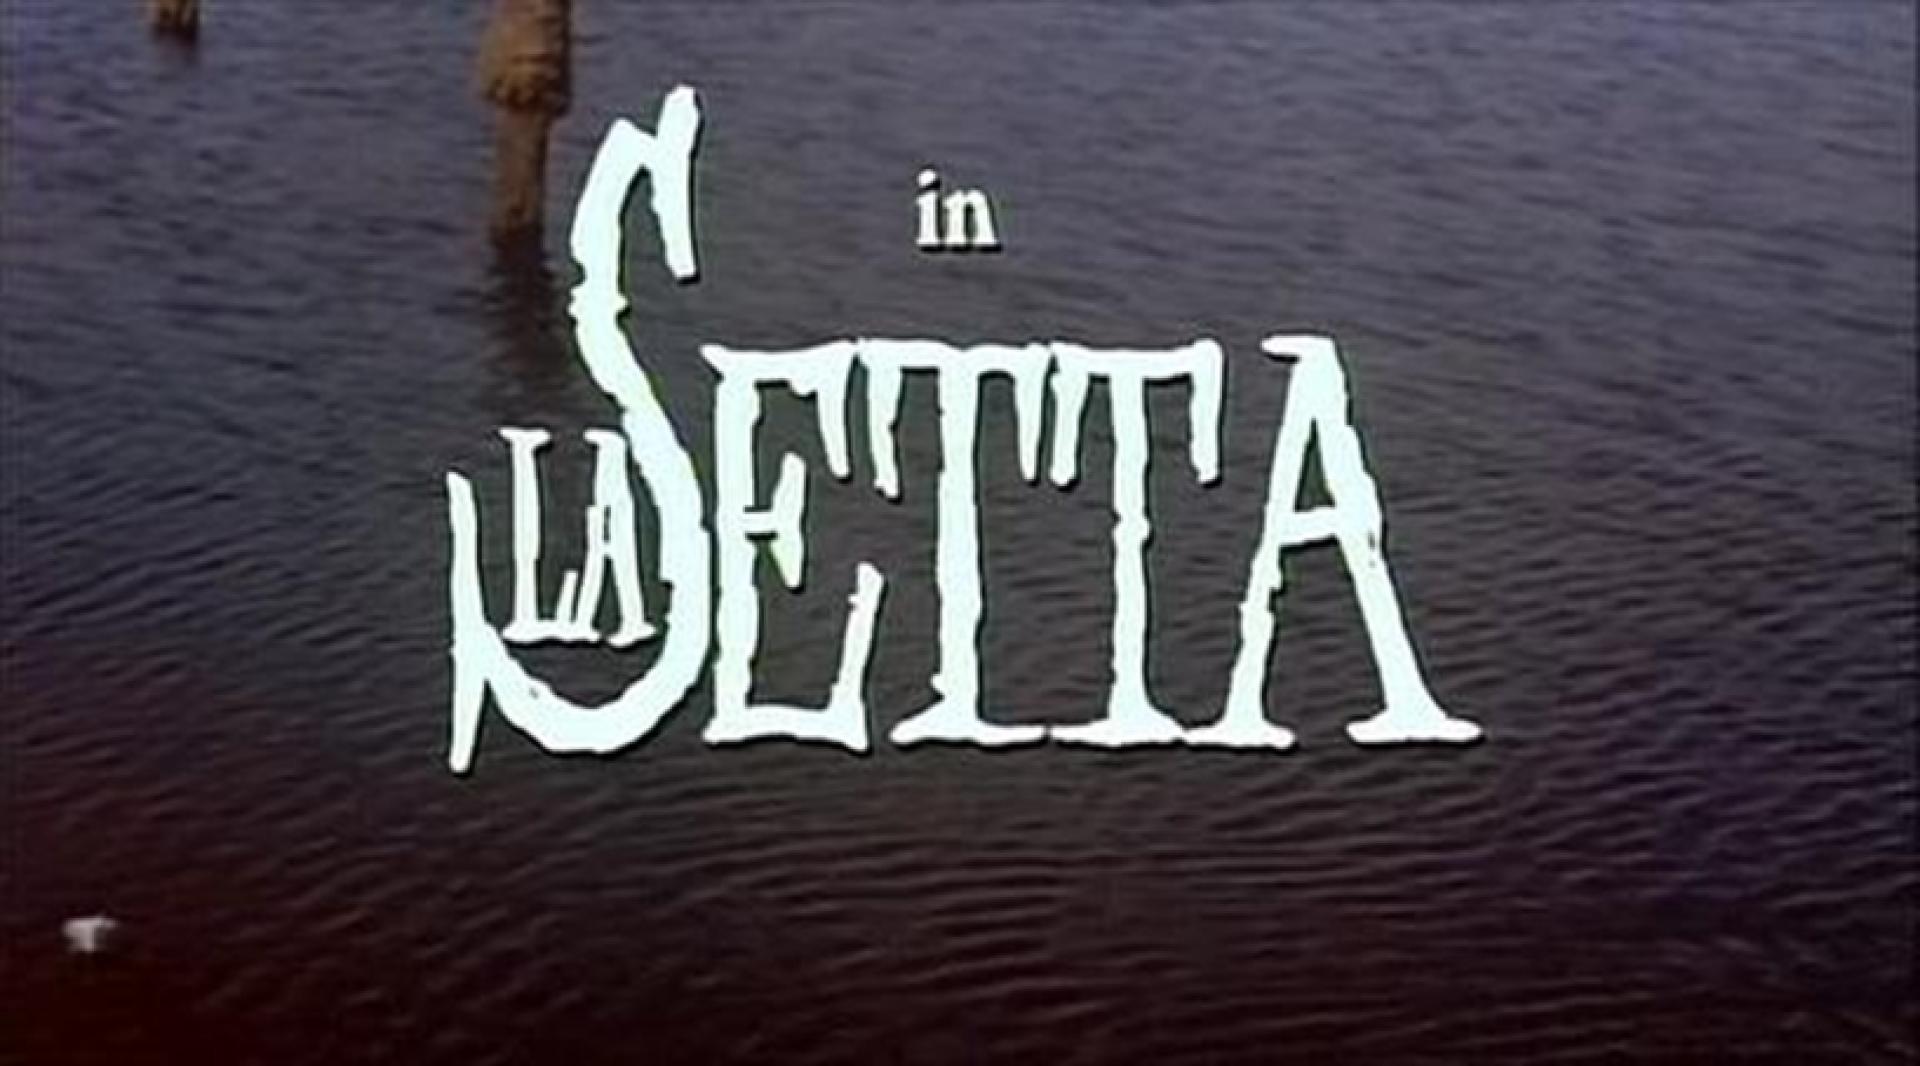 La setta / The Sect (1991)